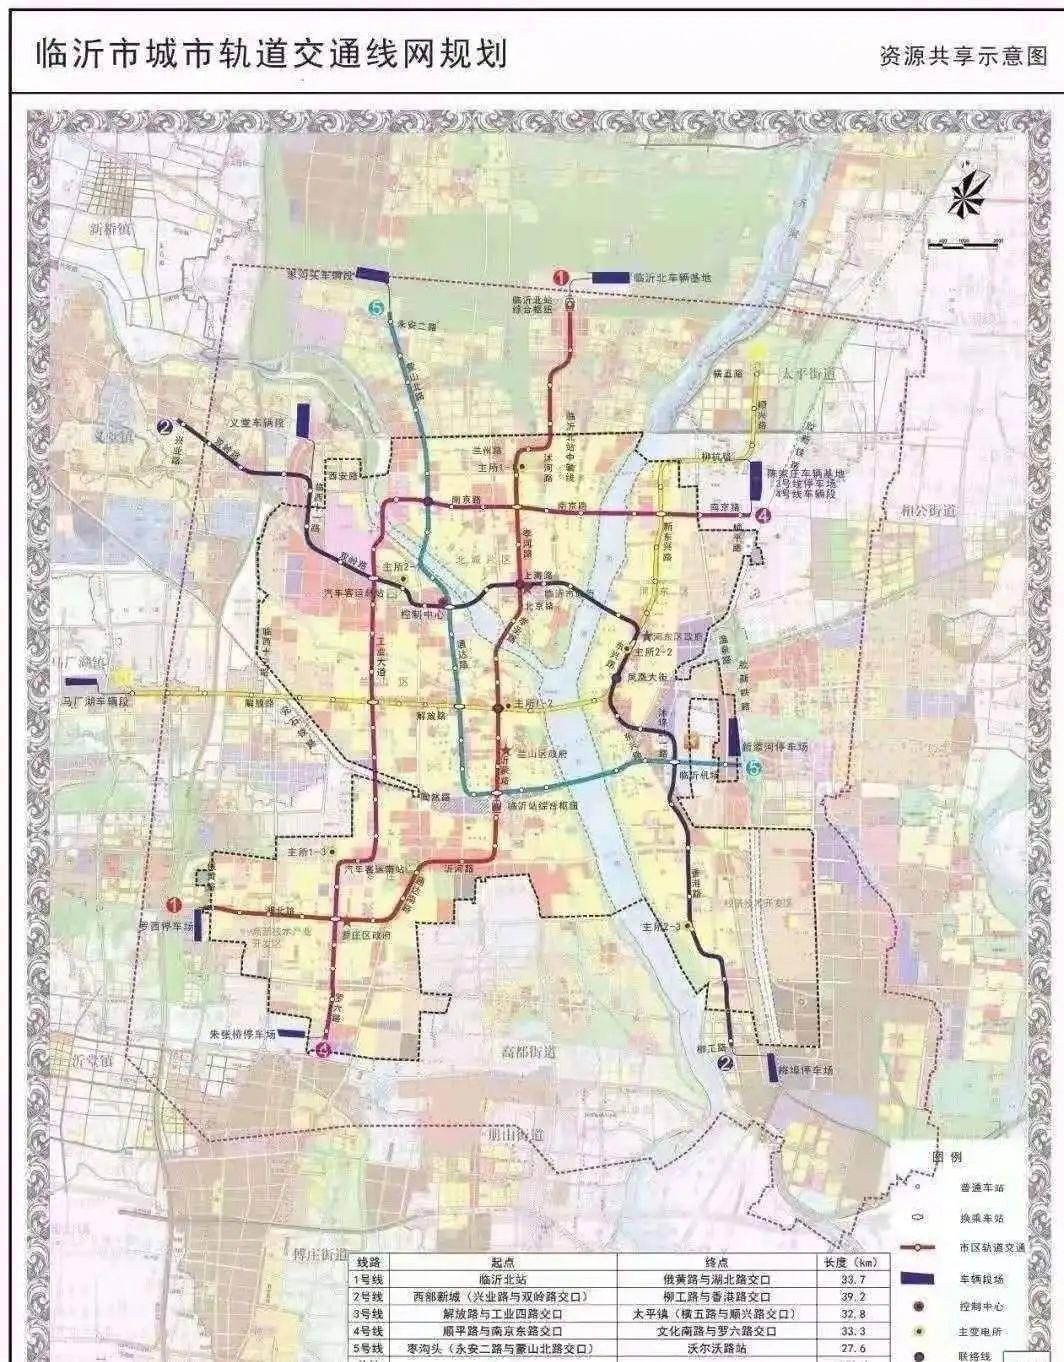 2021年临沂市gdp_临沂市2002年城市地图